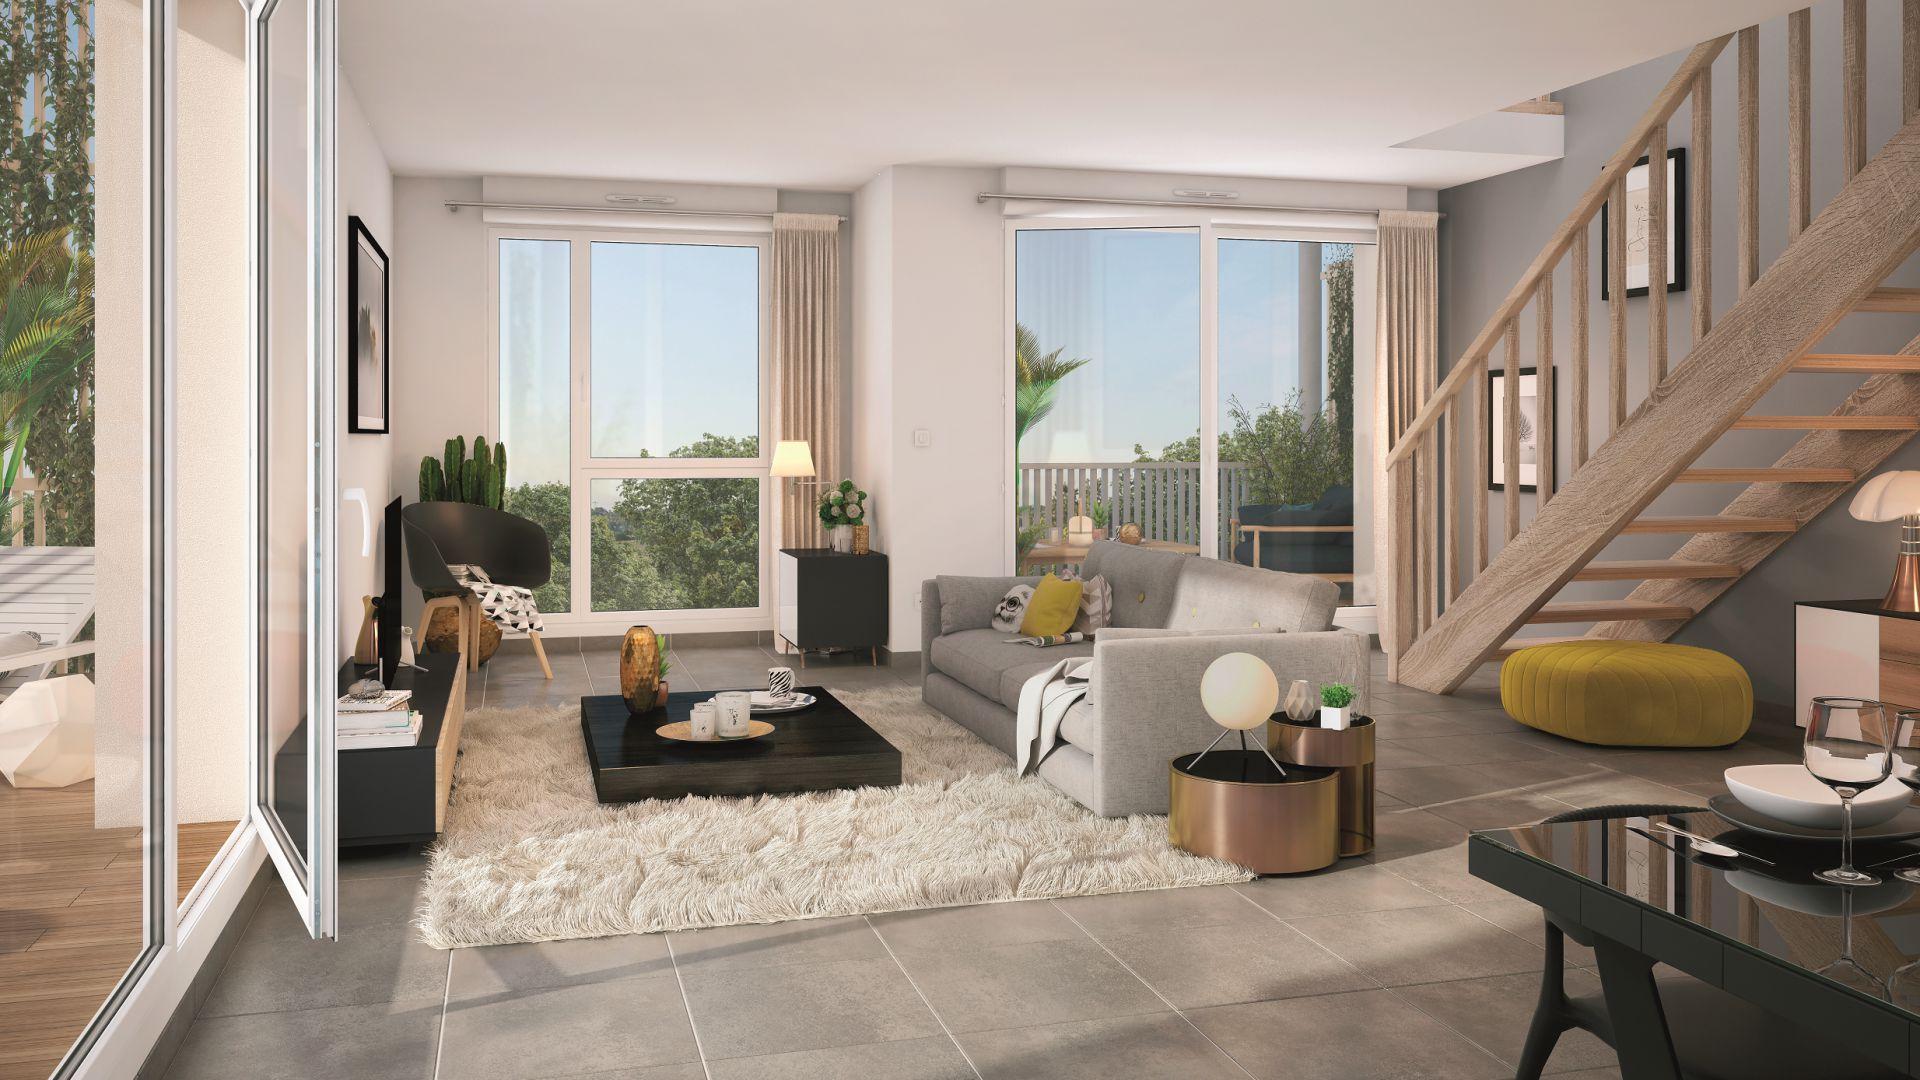 GreenCity immobilier - achat appartement neuf Toulouse Saint-Simon - 31100 - Résidence Val'oriane - T2 - T3 - T4 - vue intérieure